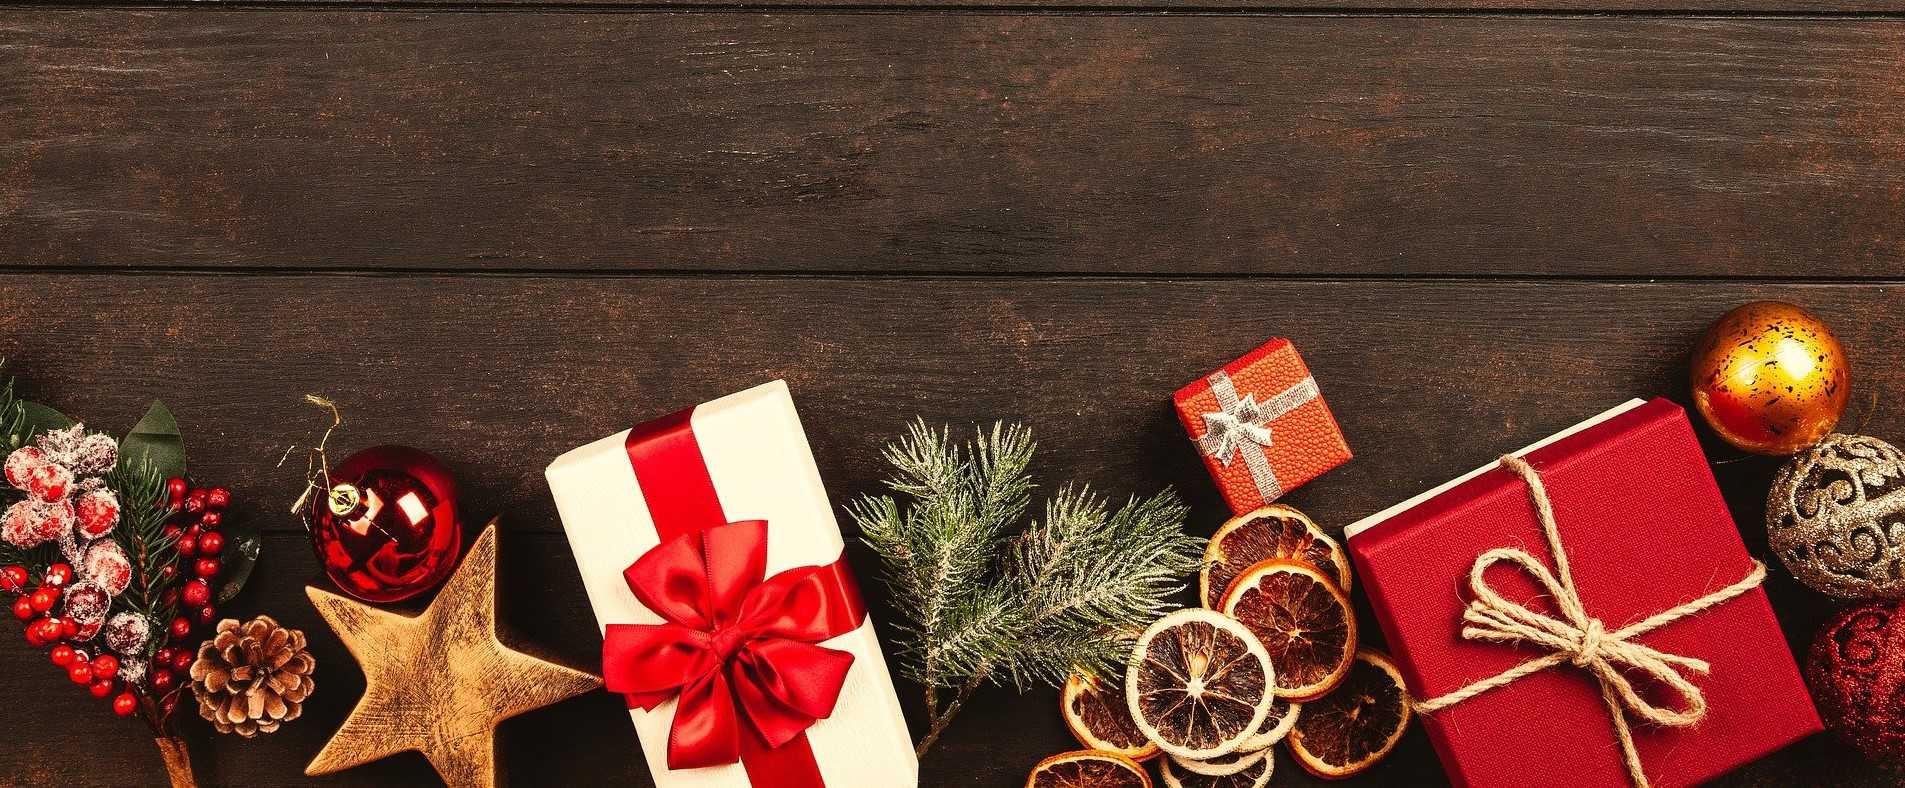 Noël : les coups de cœur des commerçants